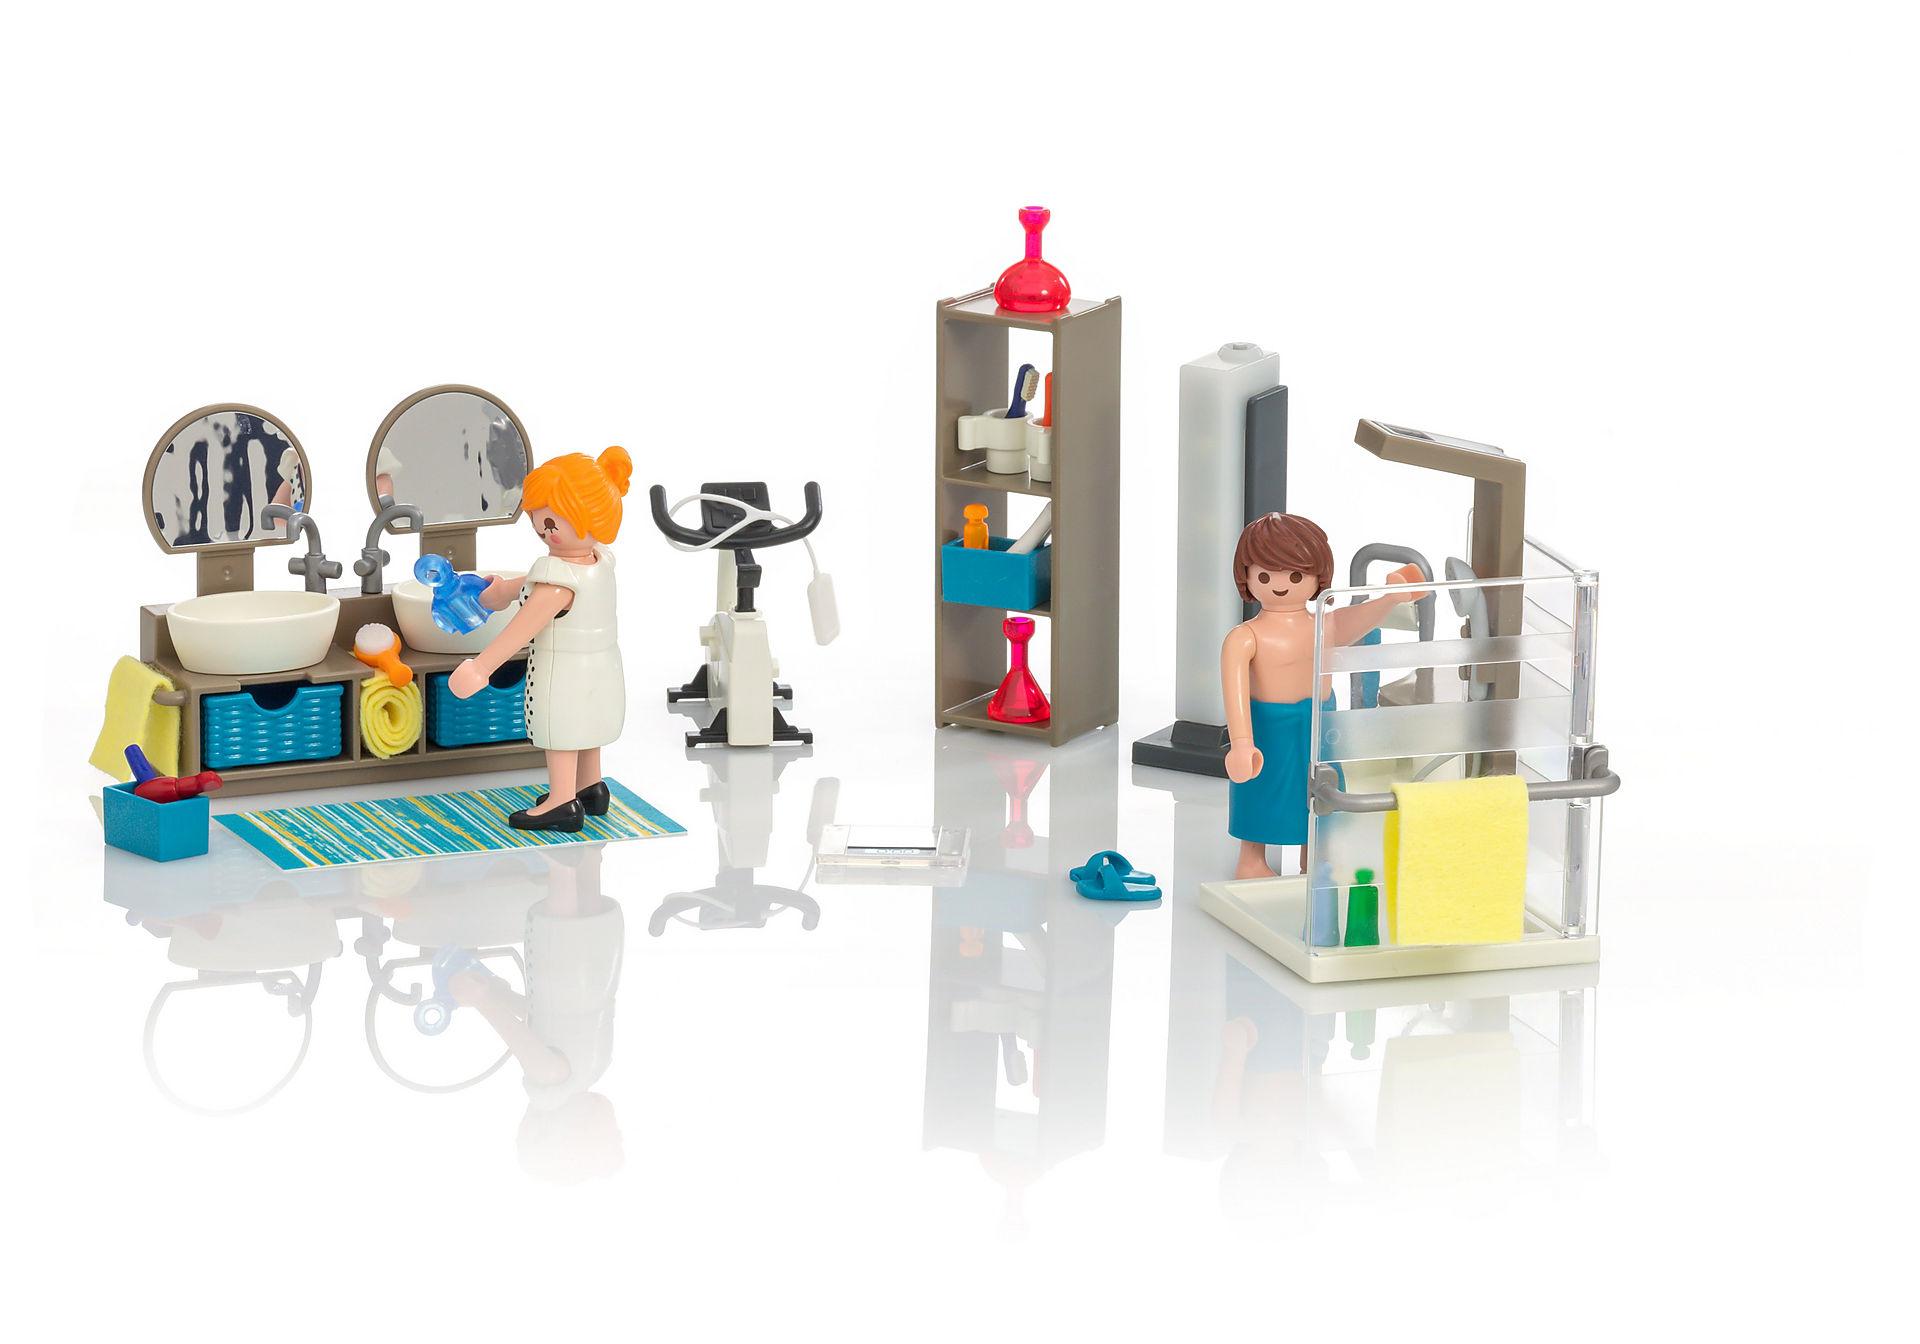 La salle de bain moderne Playmobil est un rêve devenu réalité